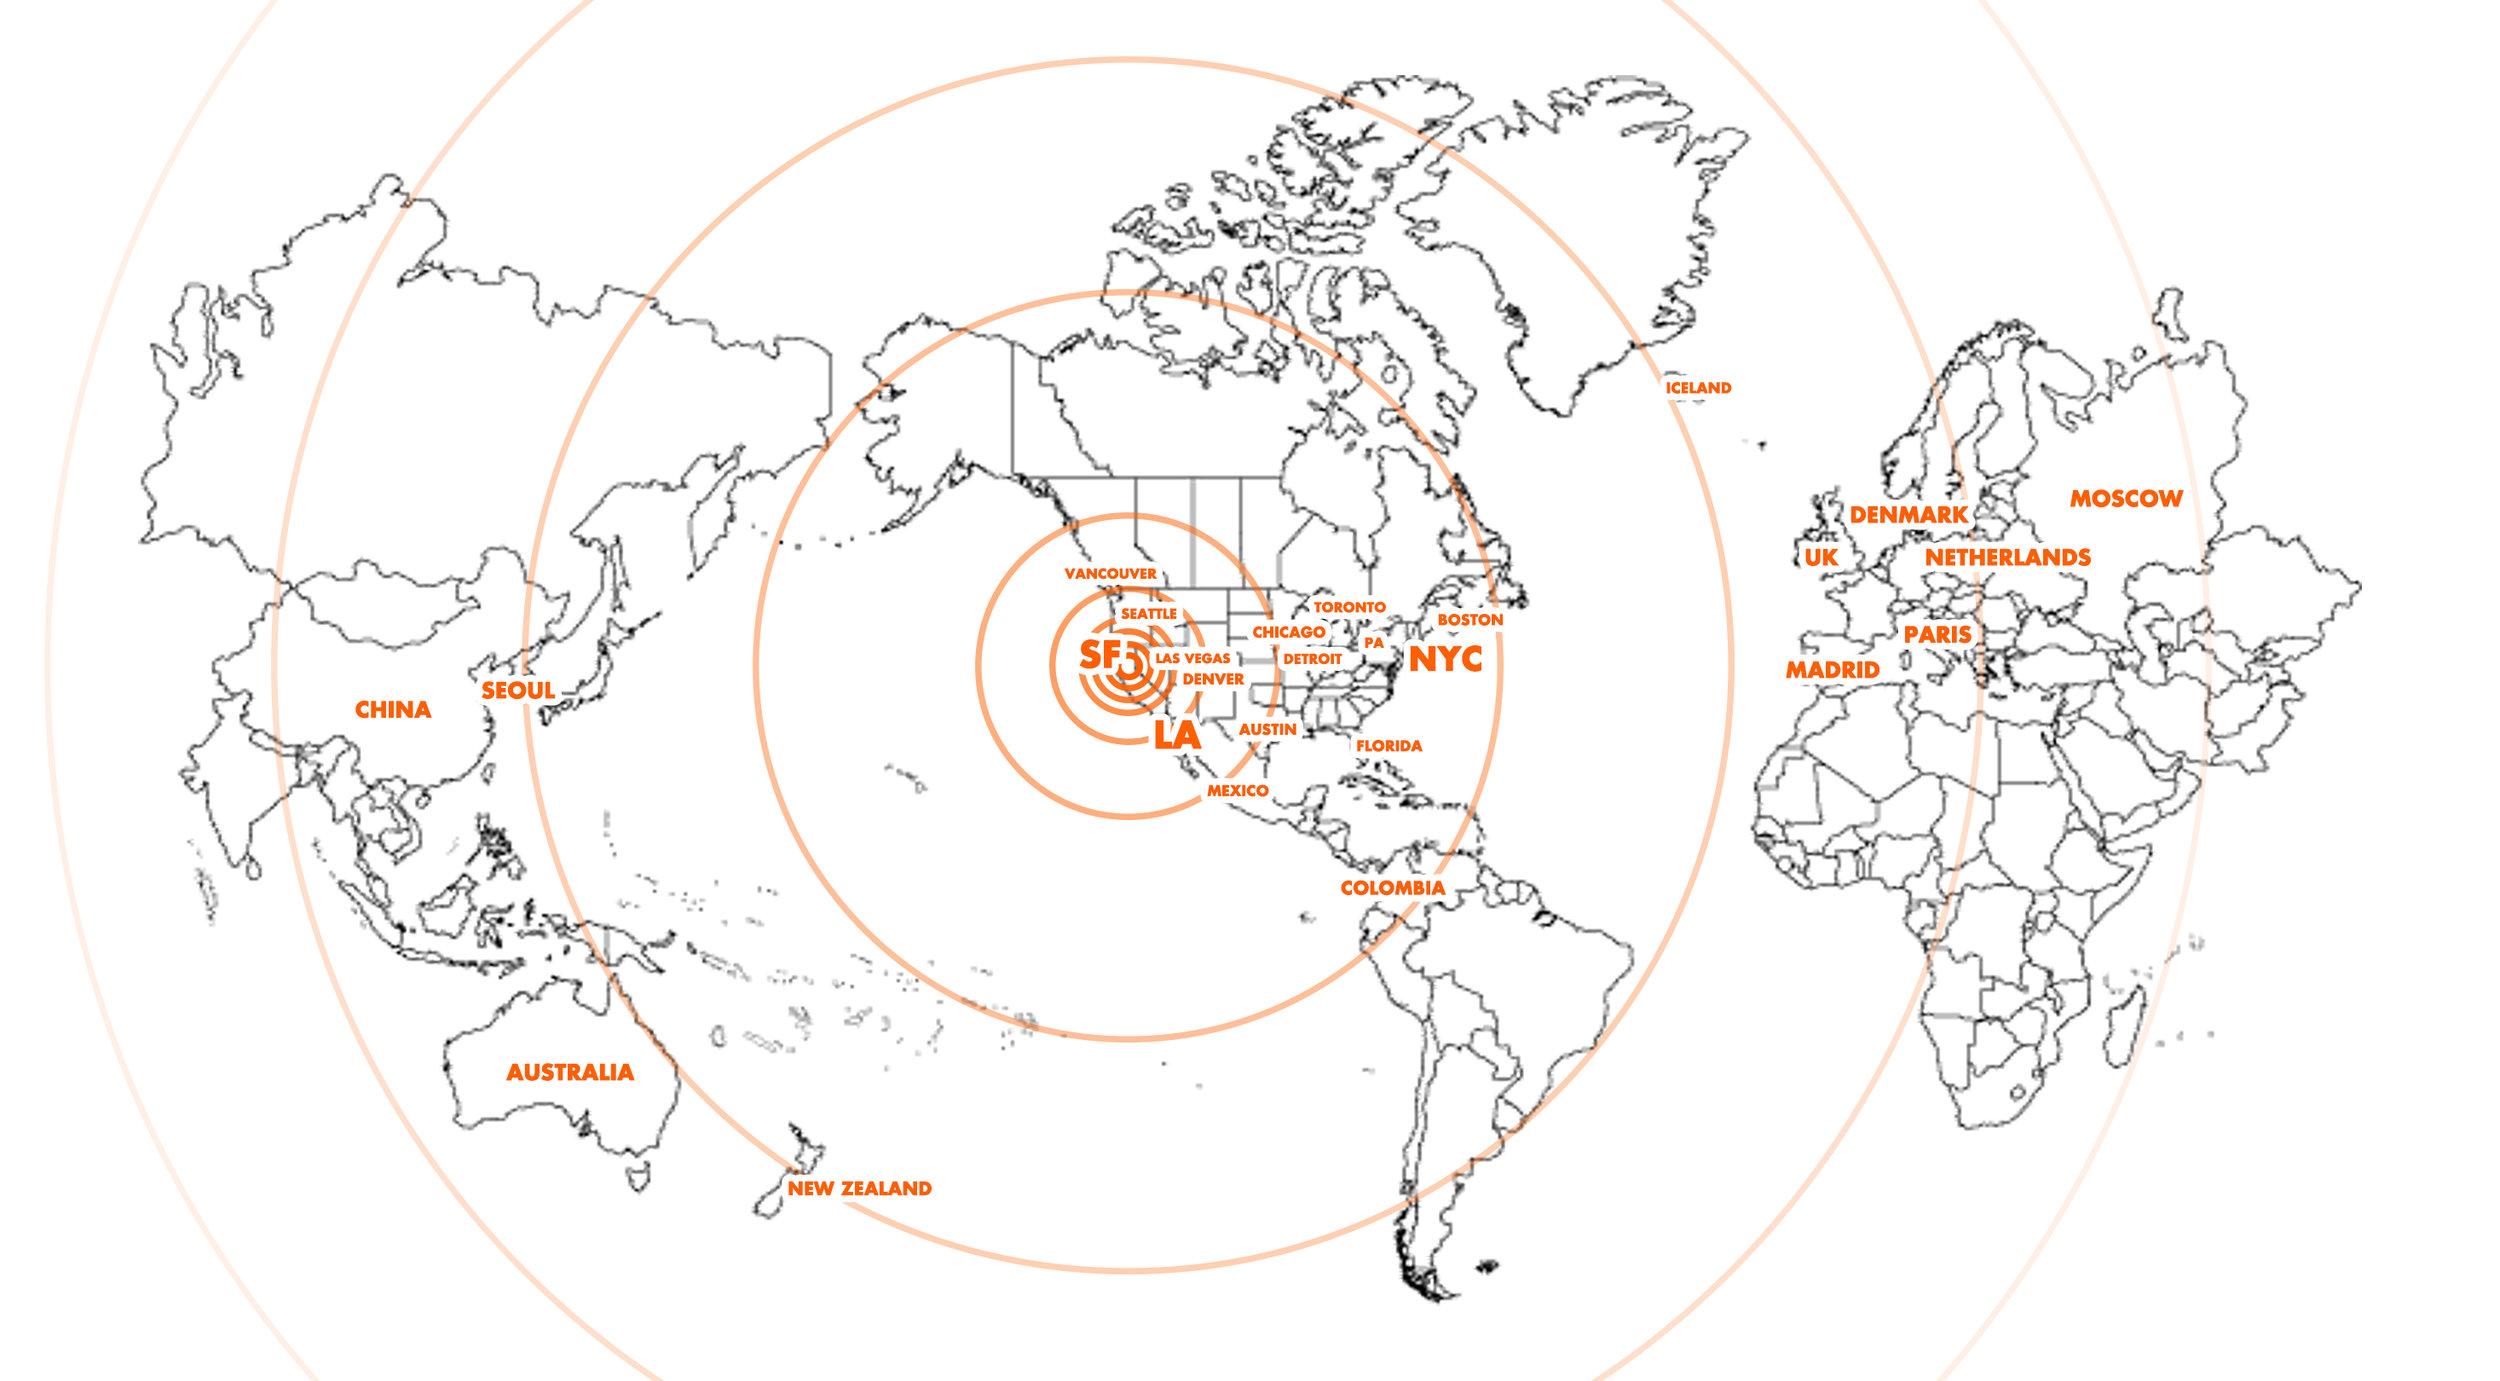 IDS_2019_Deck_Map3.jpg